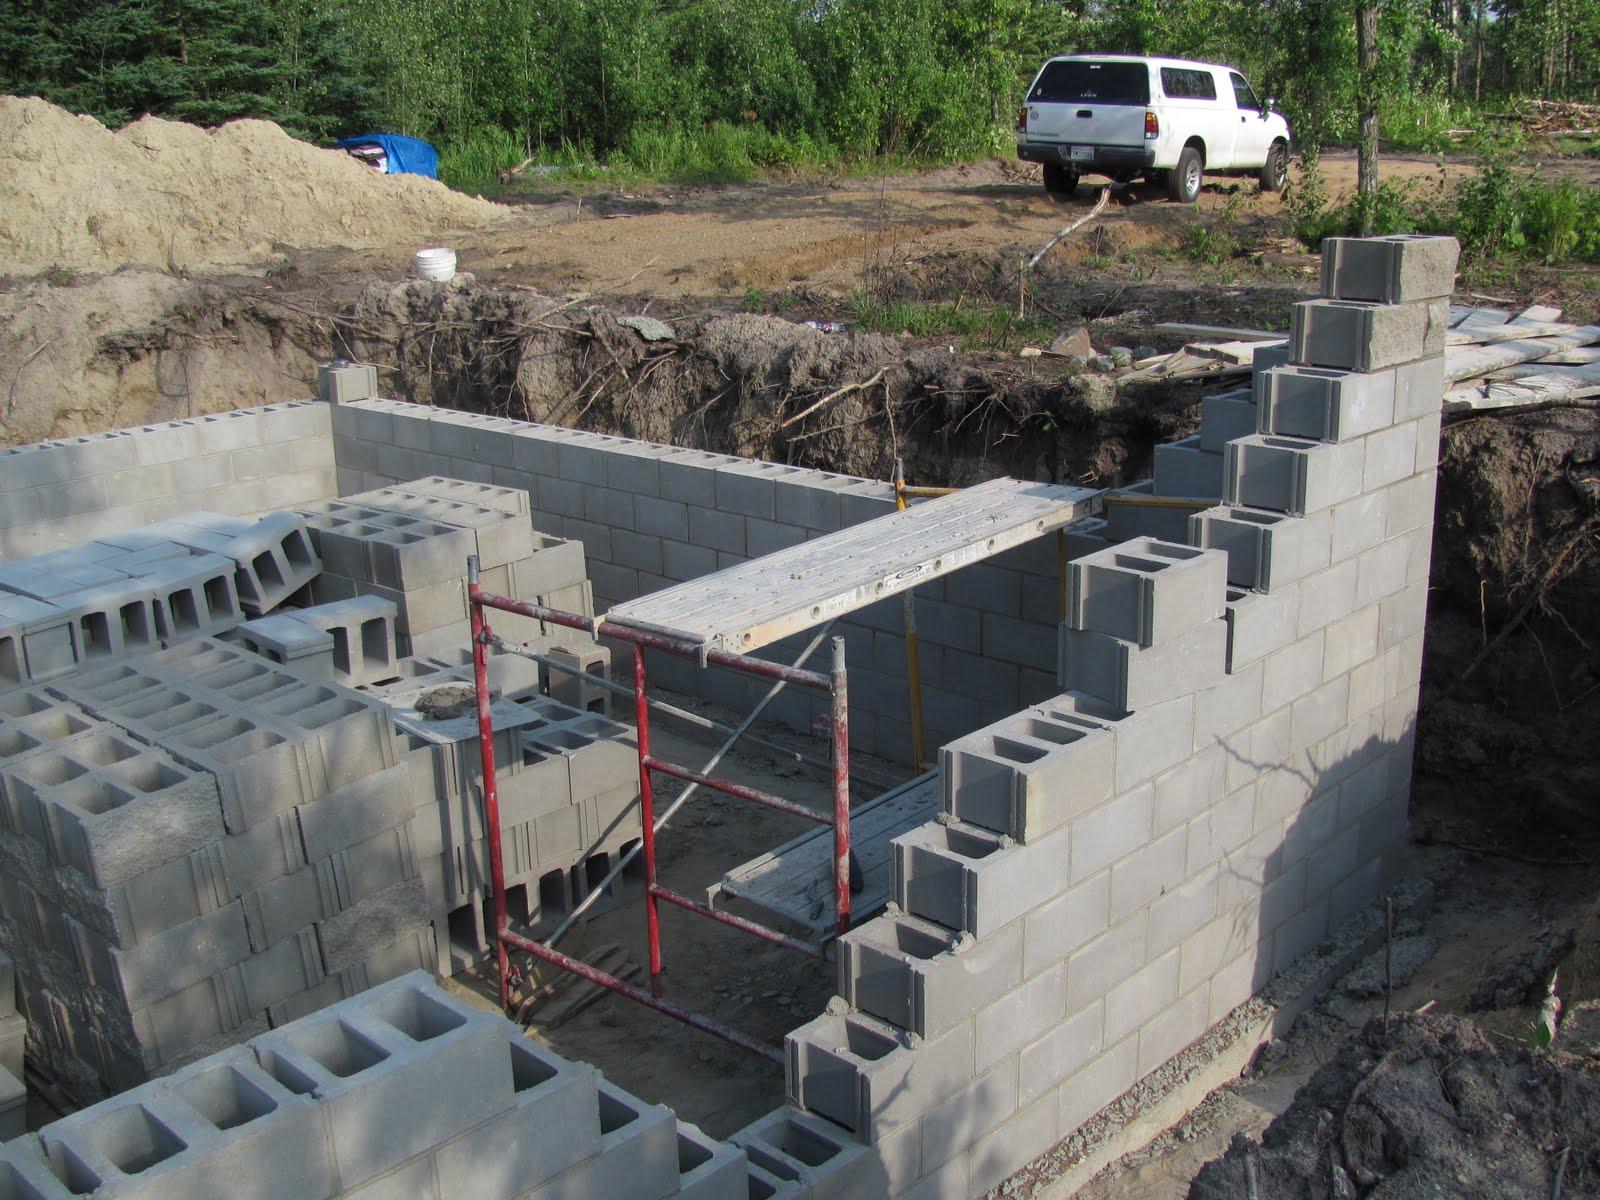 Jon's Minnesota Cabin: Basement Construction Day 1